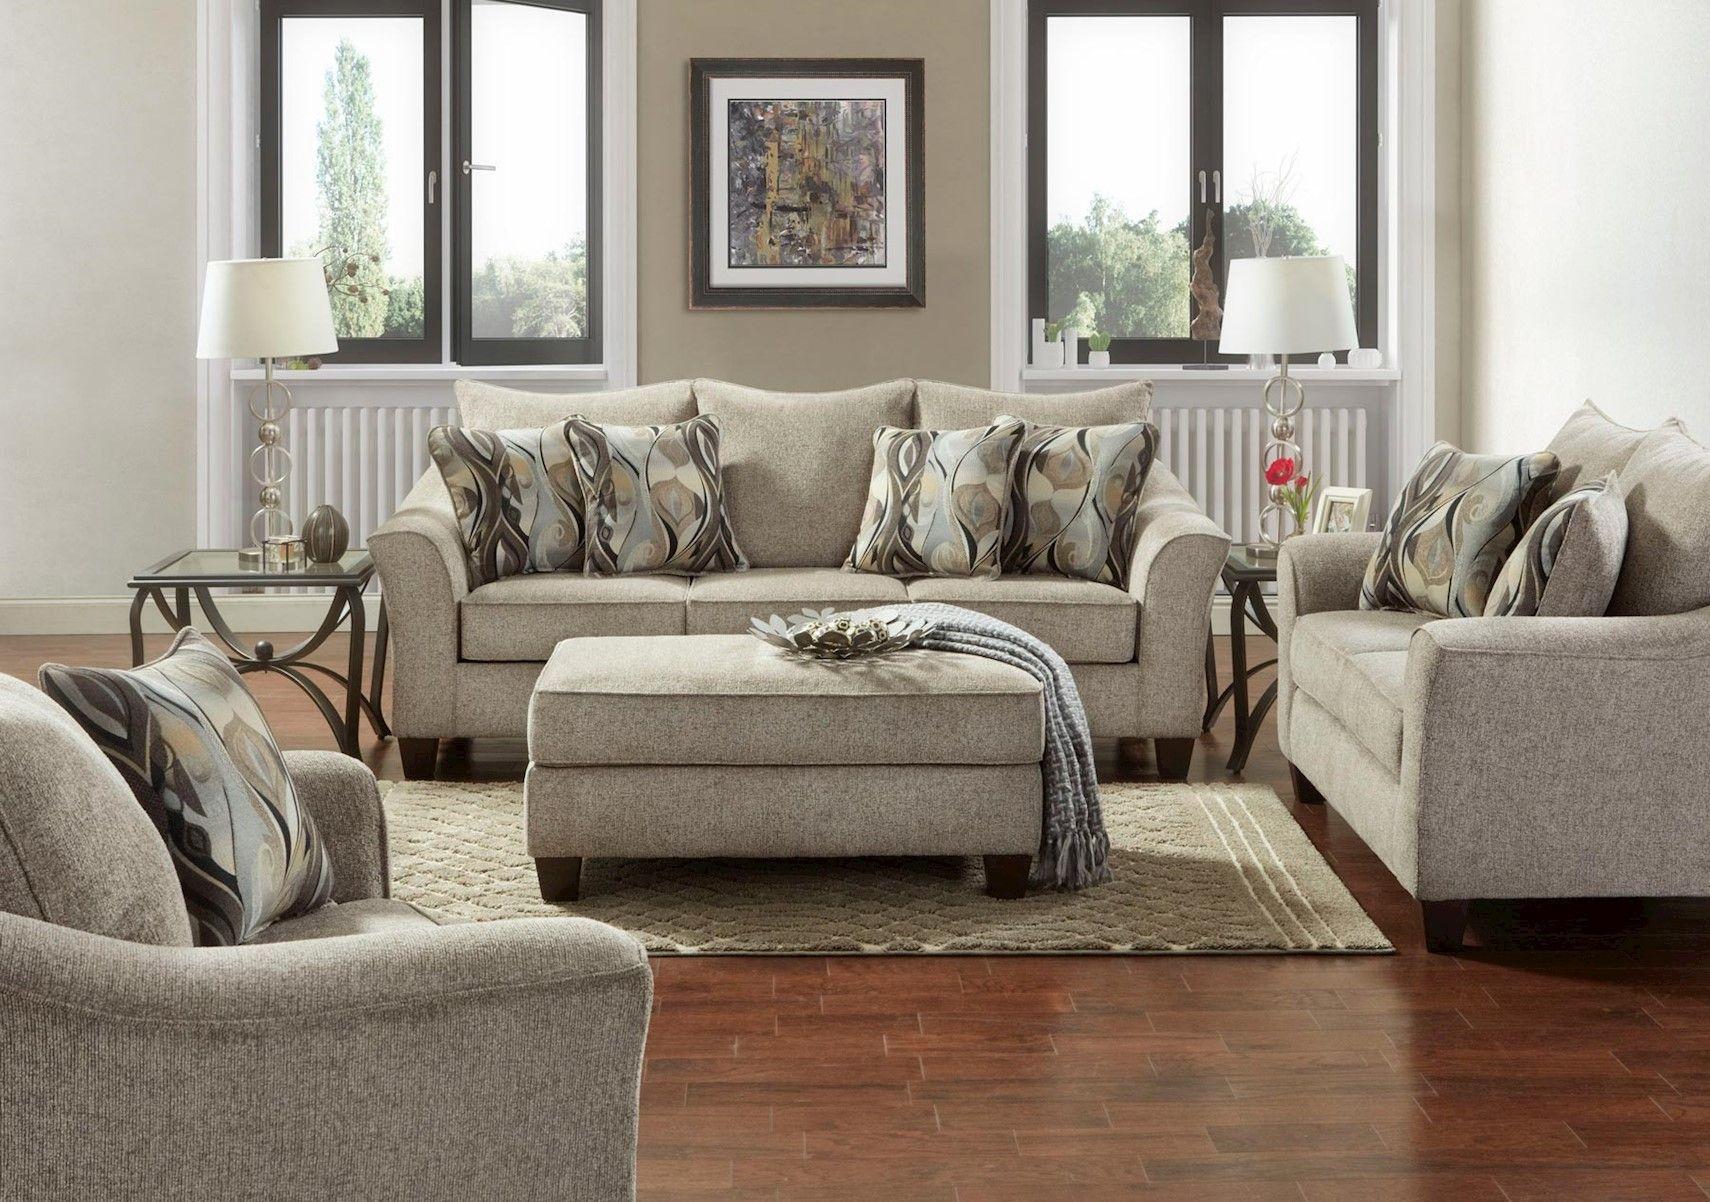 Lacks Camero Platinum 4 Pc Living Room Set 4 Piece Living Room